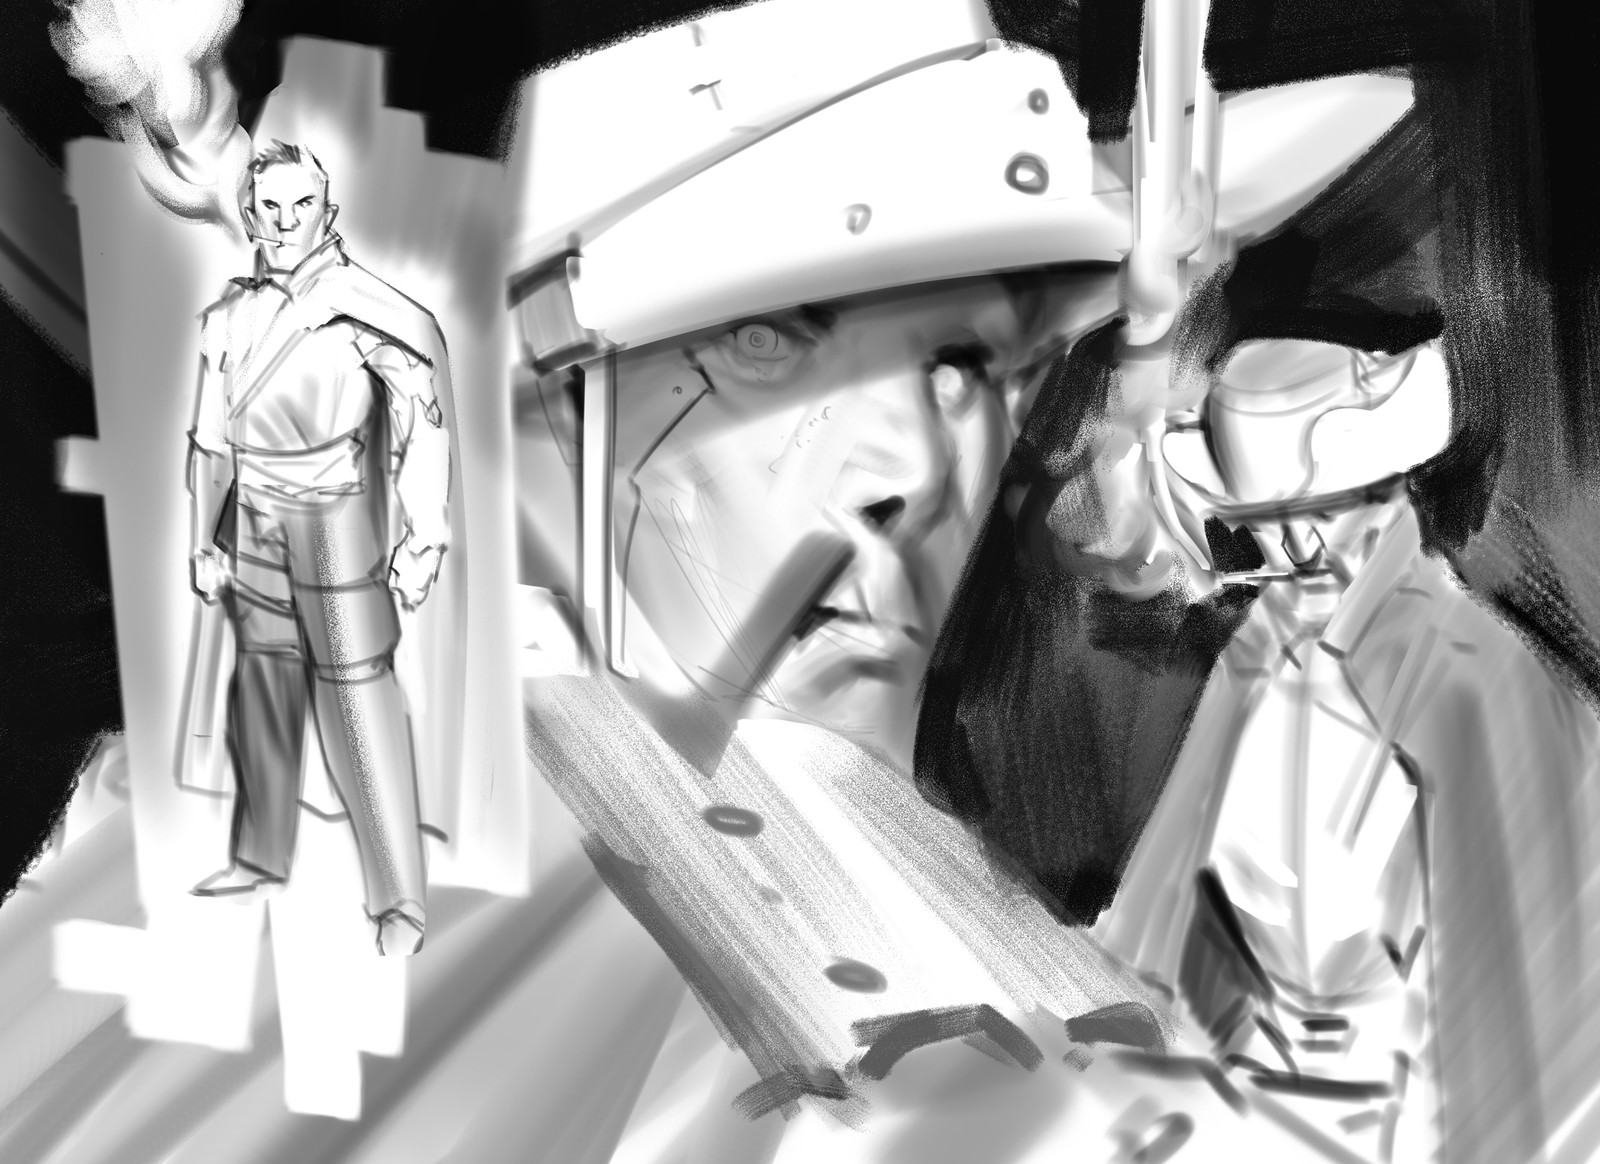 Cowboys sketch